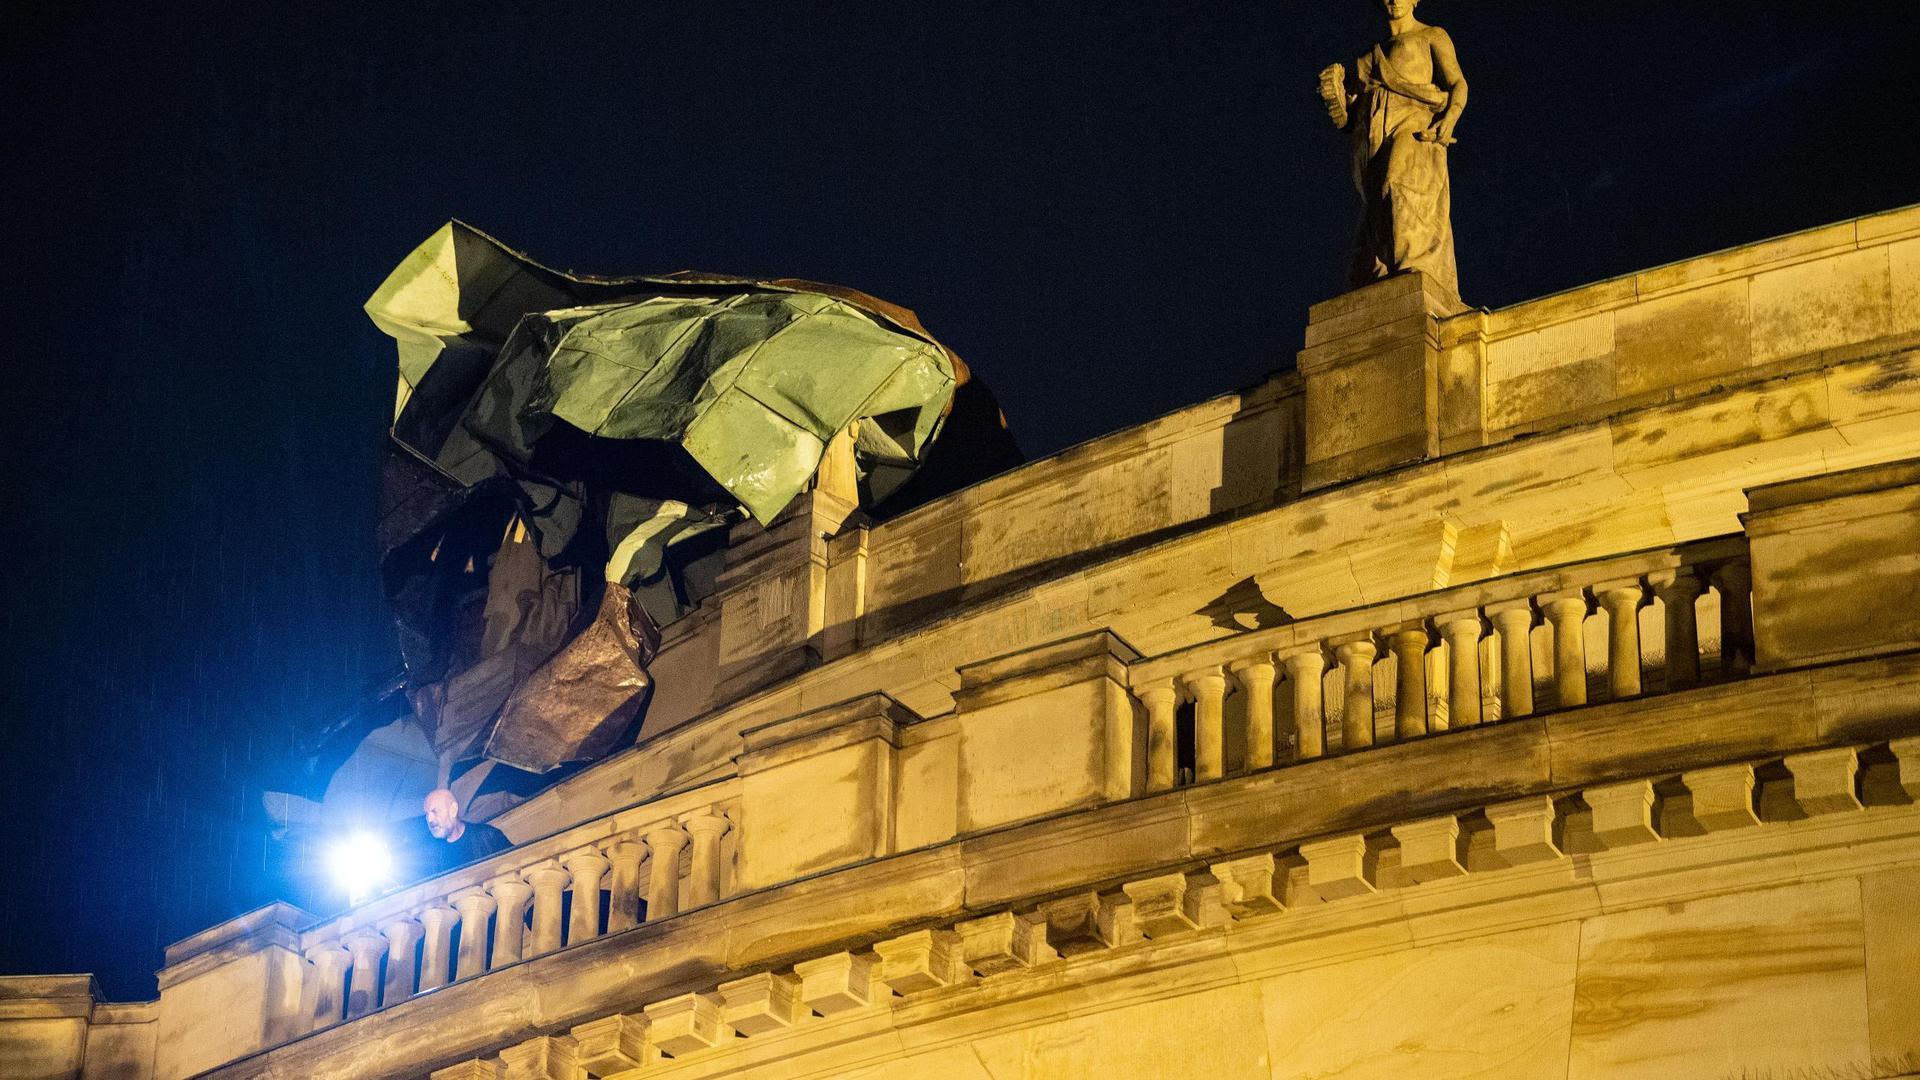 Ein umgestürzter Baum liegt im oberen Schlossgraten vor dem Opernhaus in Stuttgart.